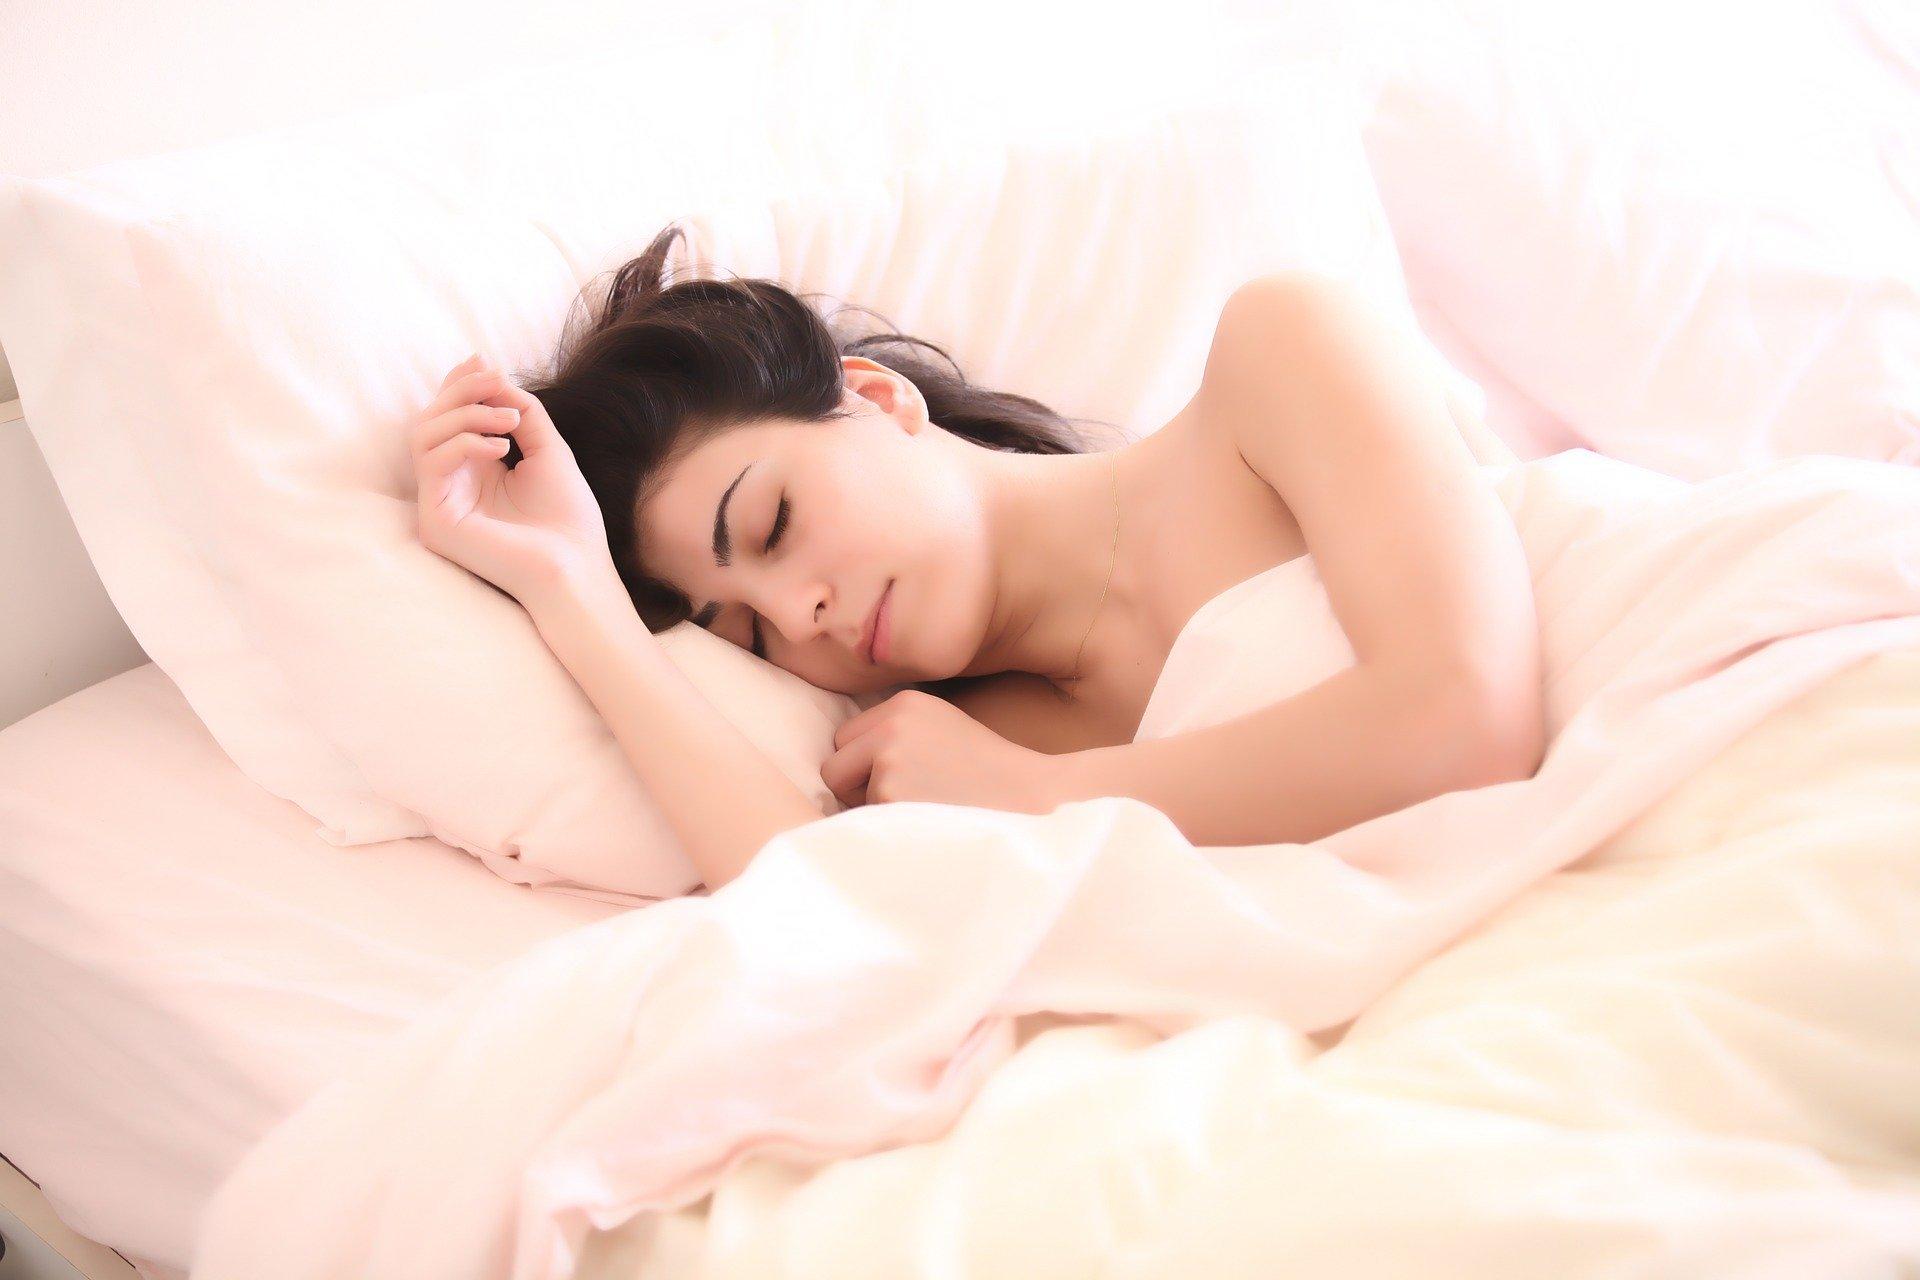 Nawyk łatwego zasypiania - Andrzej Bernardyn